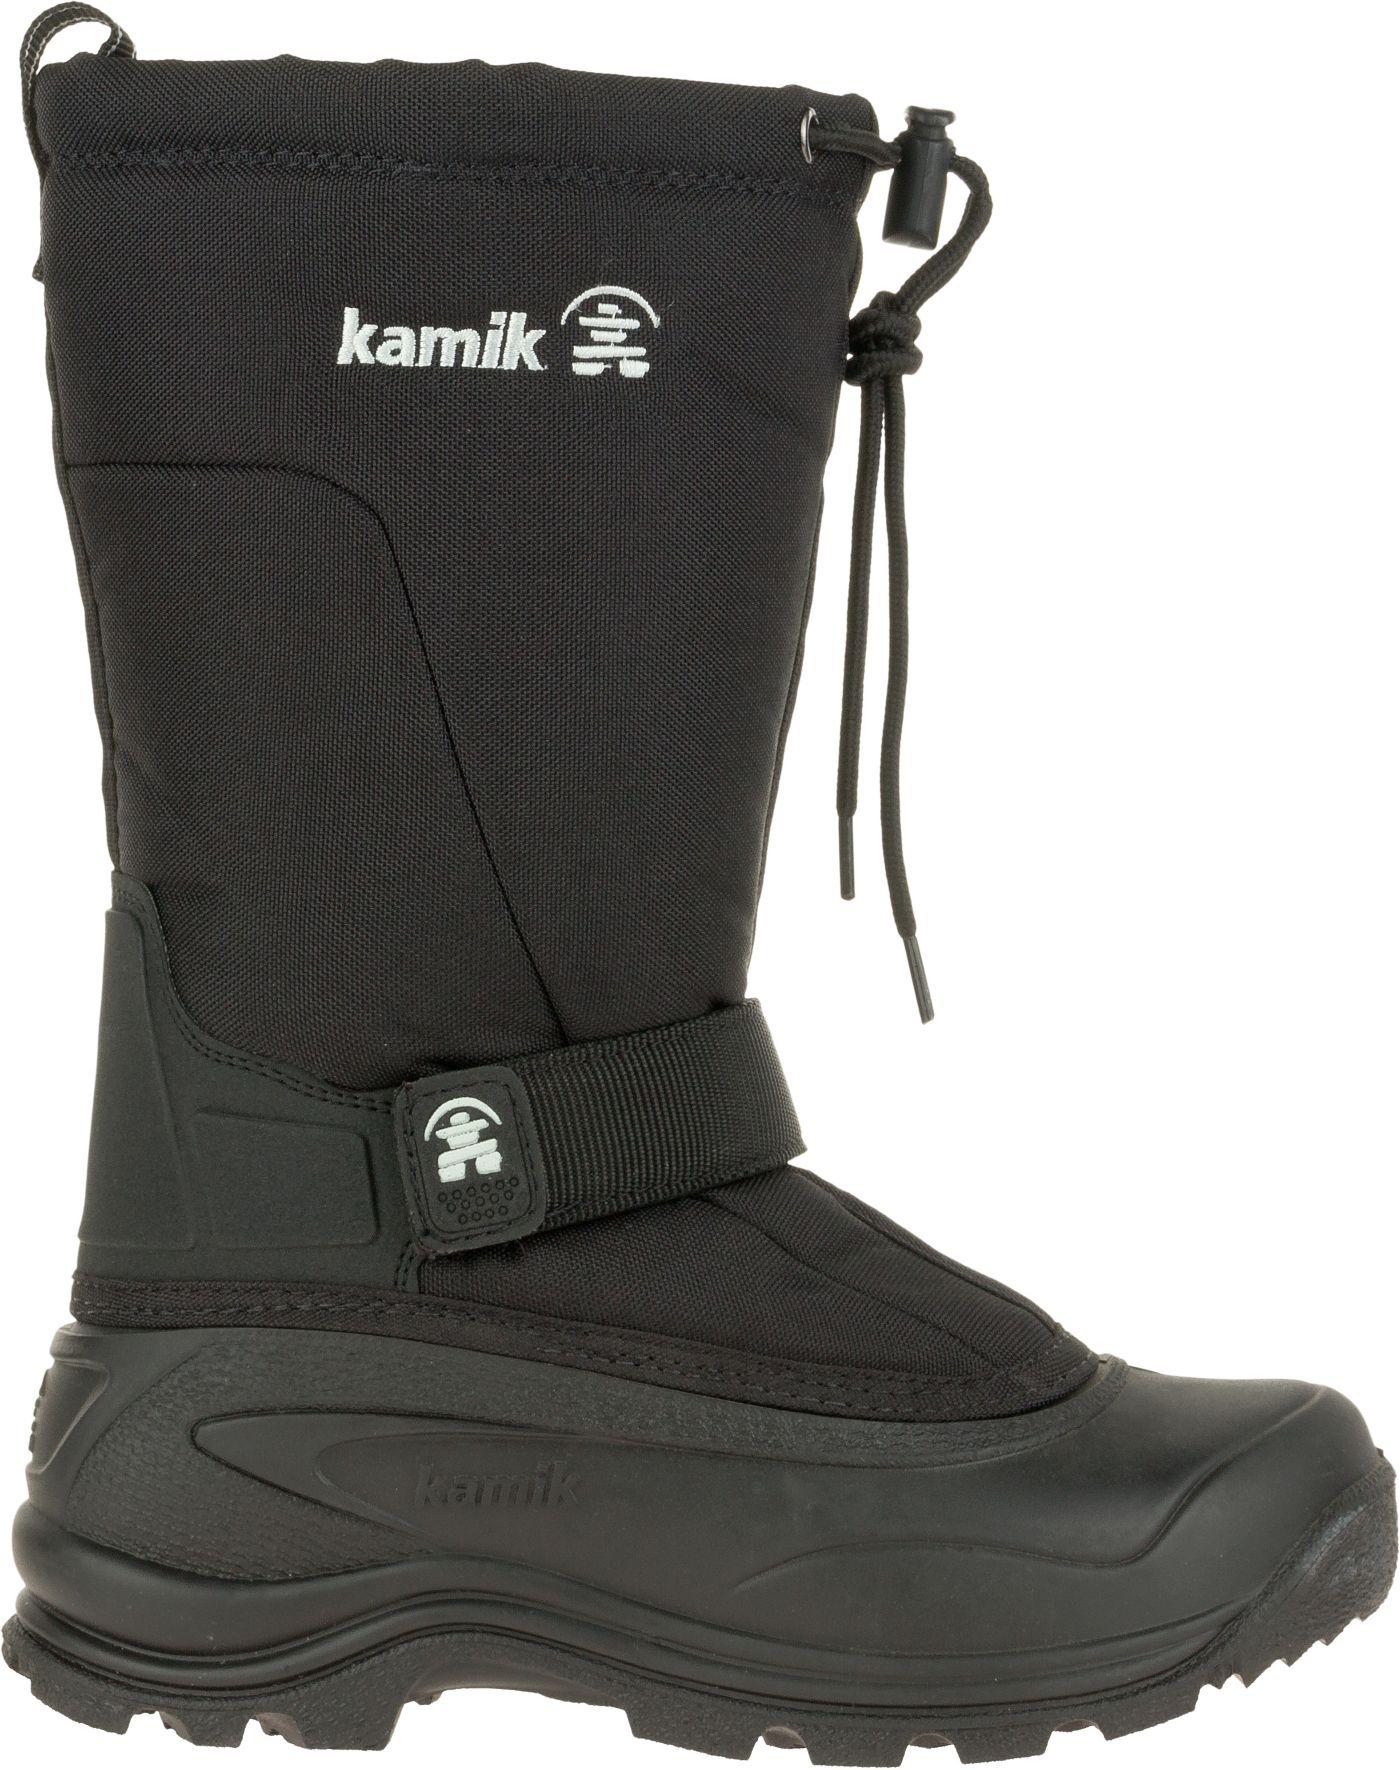 Kamik Men's Greenbay4 Waterproof Winter Boots